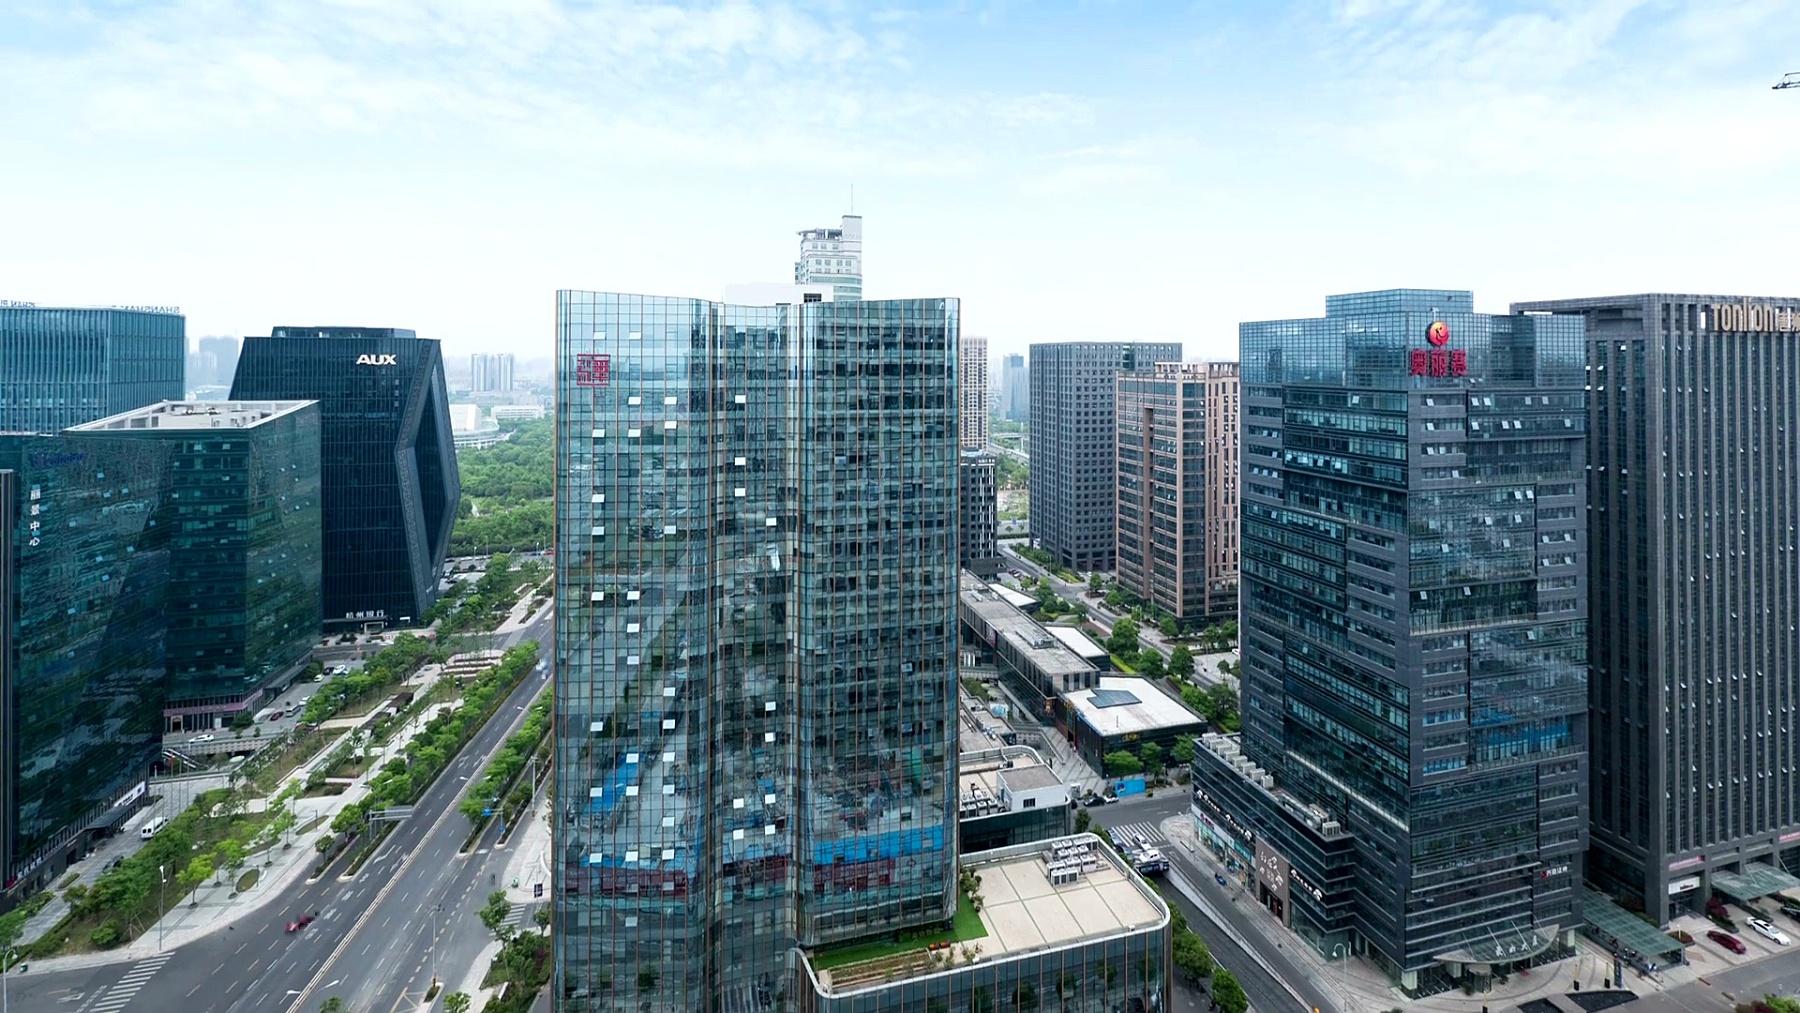 繁忙的交通,现代化的建筑和宁波的城市风光,时光流逝。